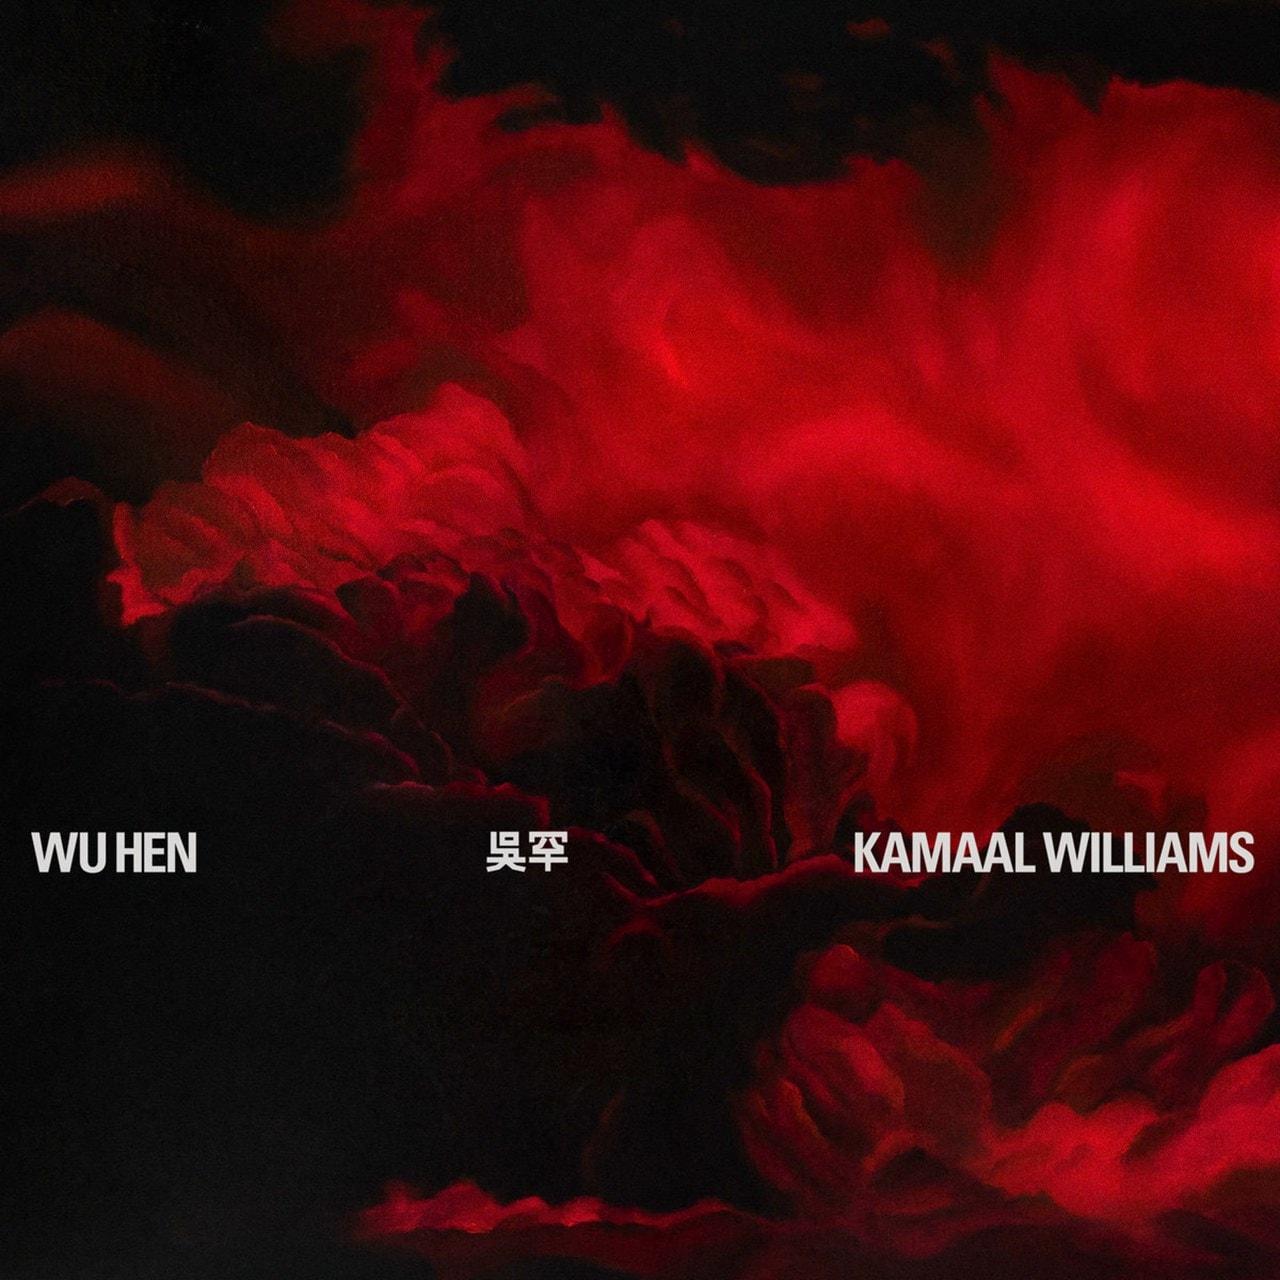 Wu Hen - 1